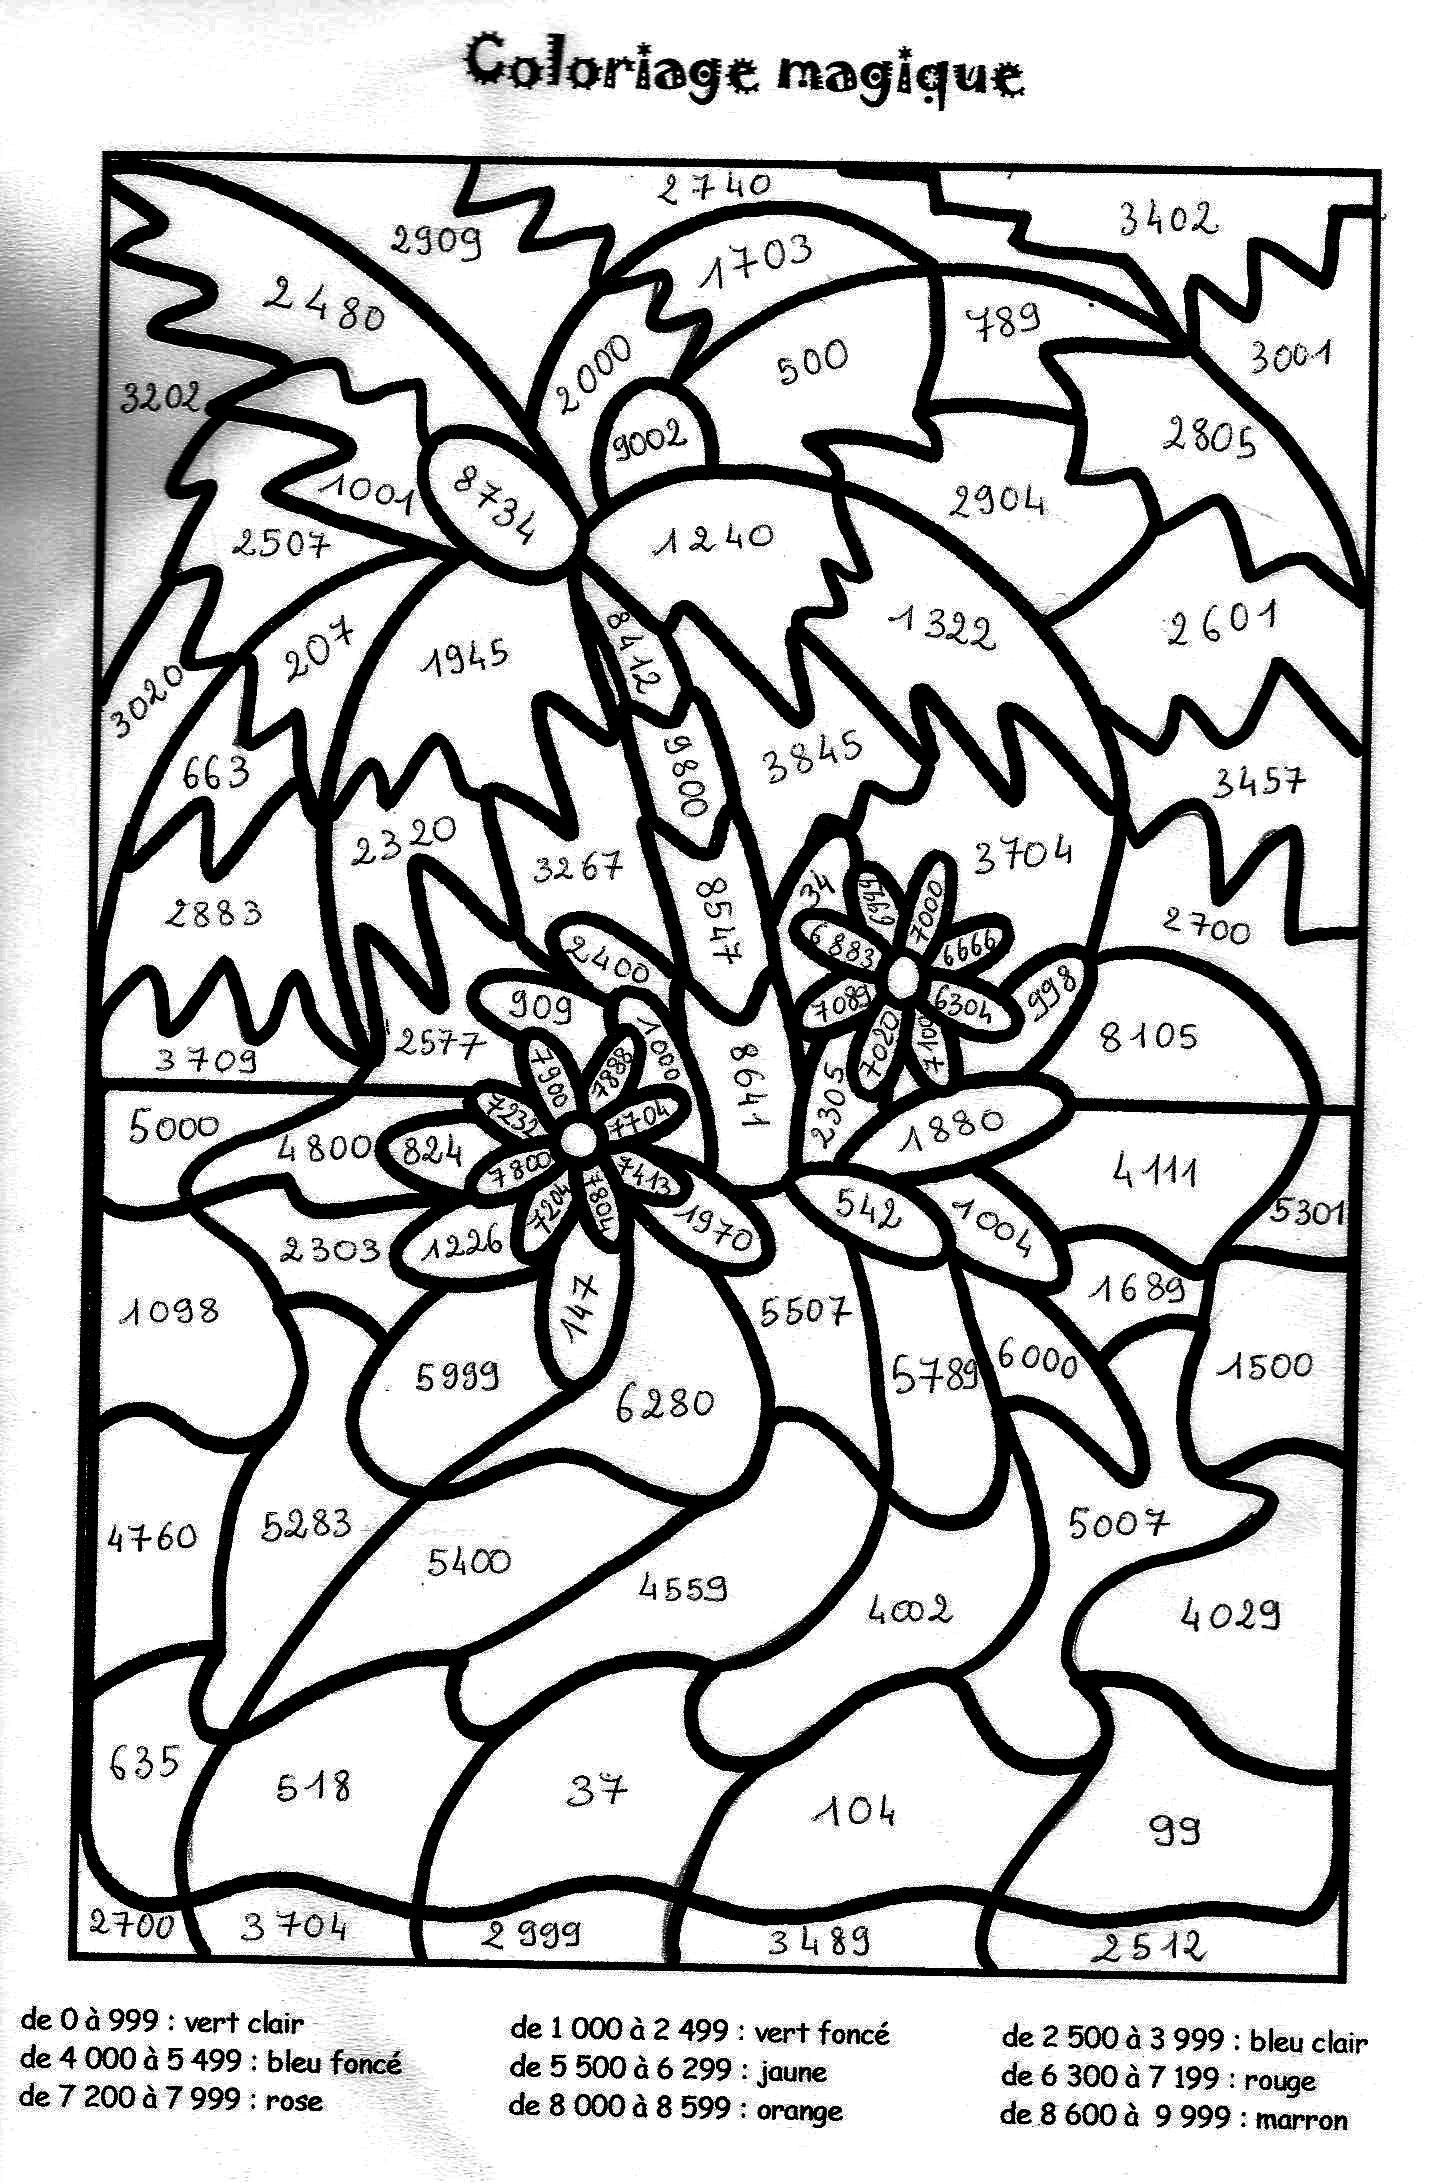 19 dessins de coloriage magique cm2 imprimer - Coloriage magique cycle 2 ...